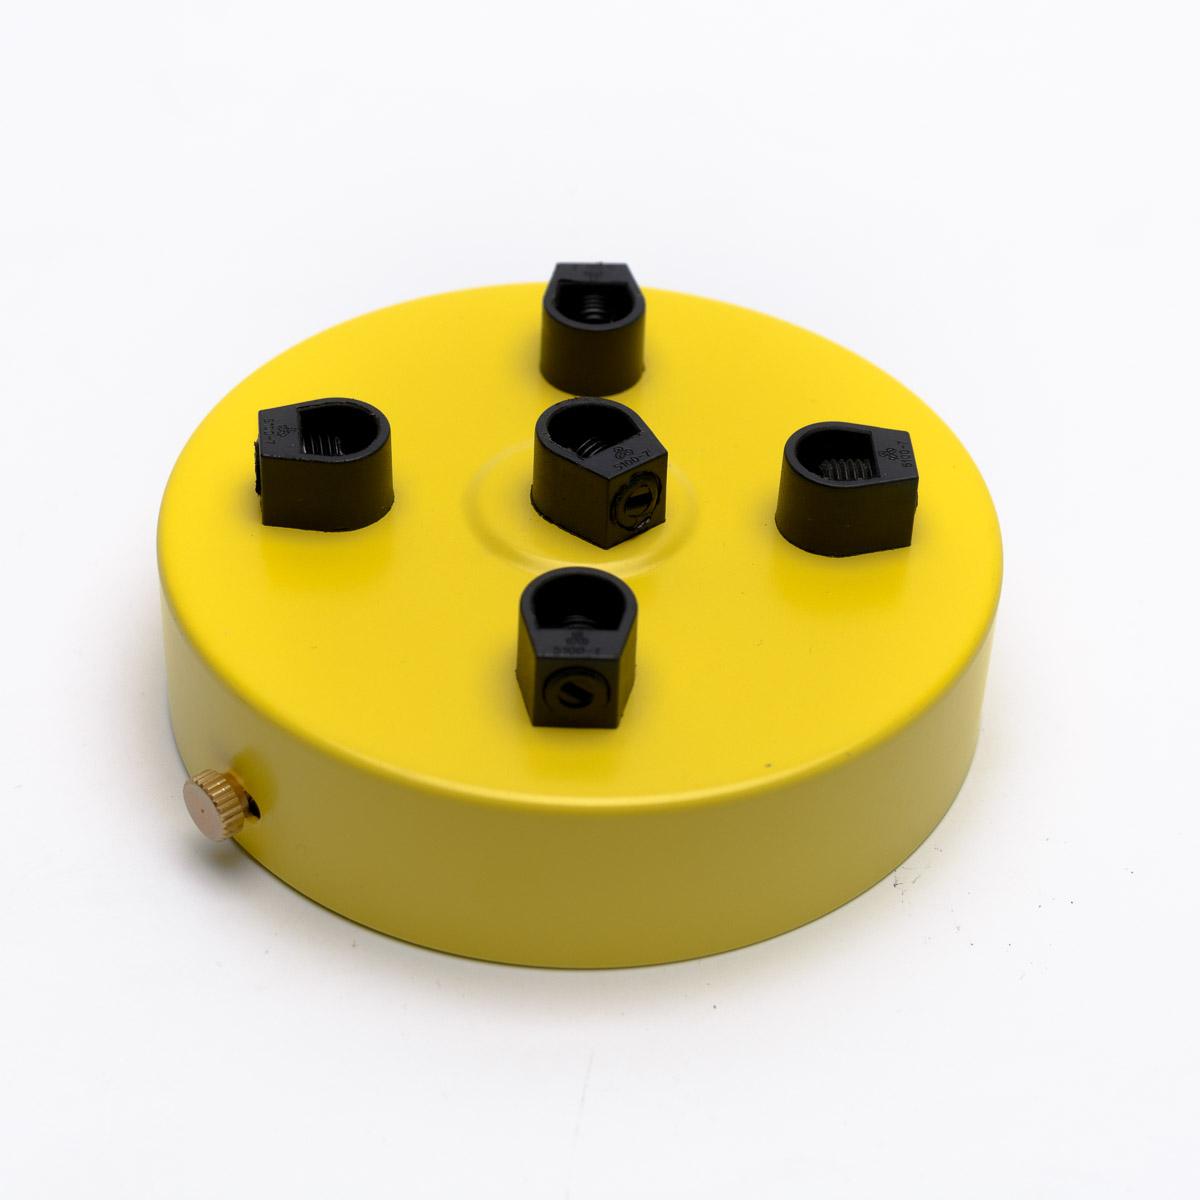 Потолочный крепеж стальной 5 выходов желтый